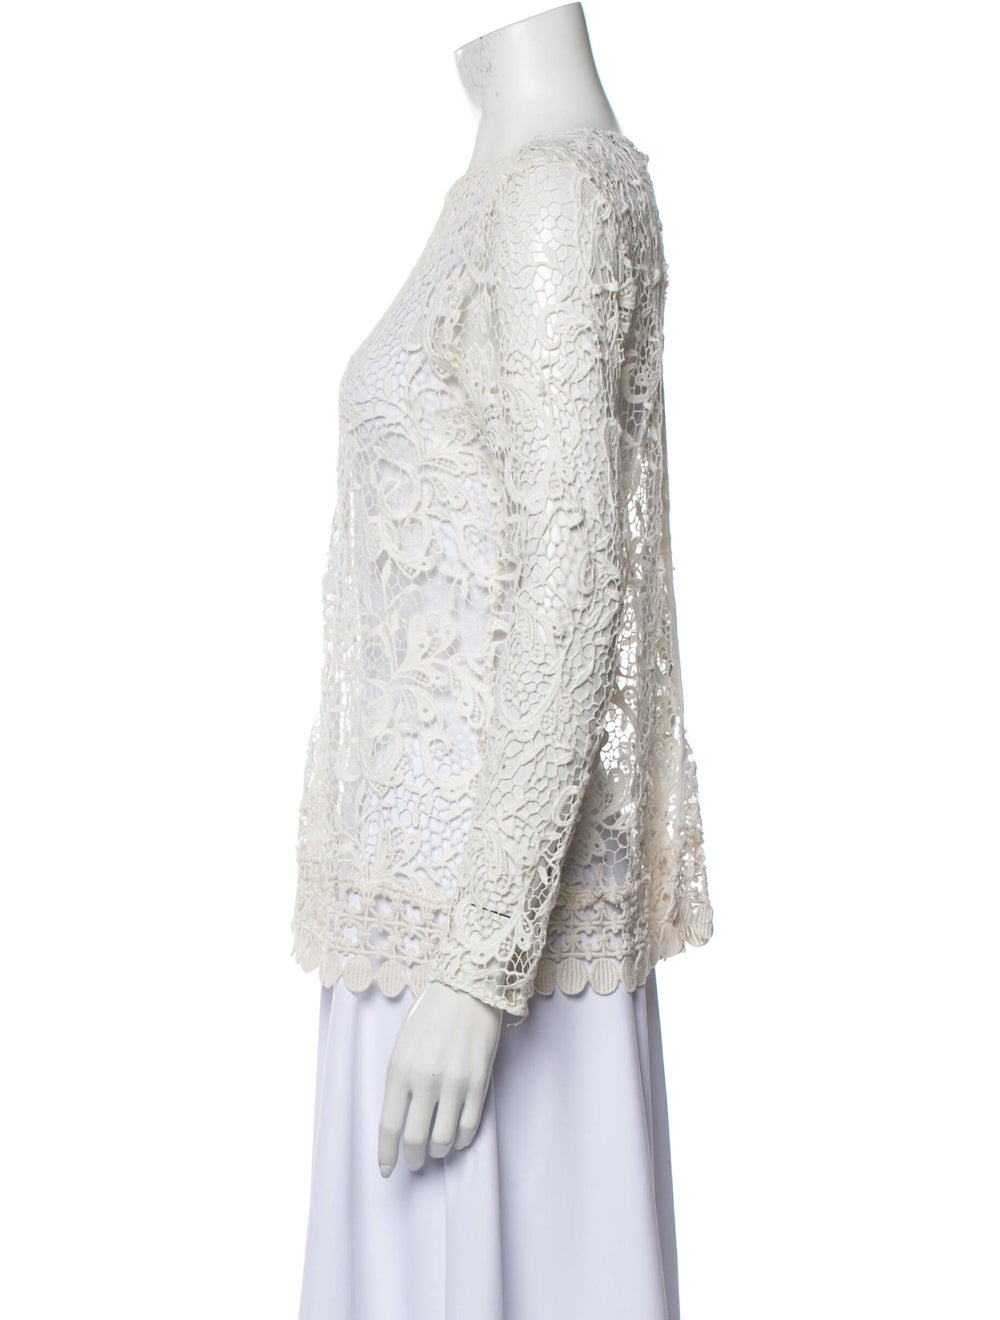 Alexis Lace Pattern Bateau Neckline Blouse White - image 2